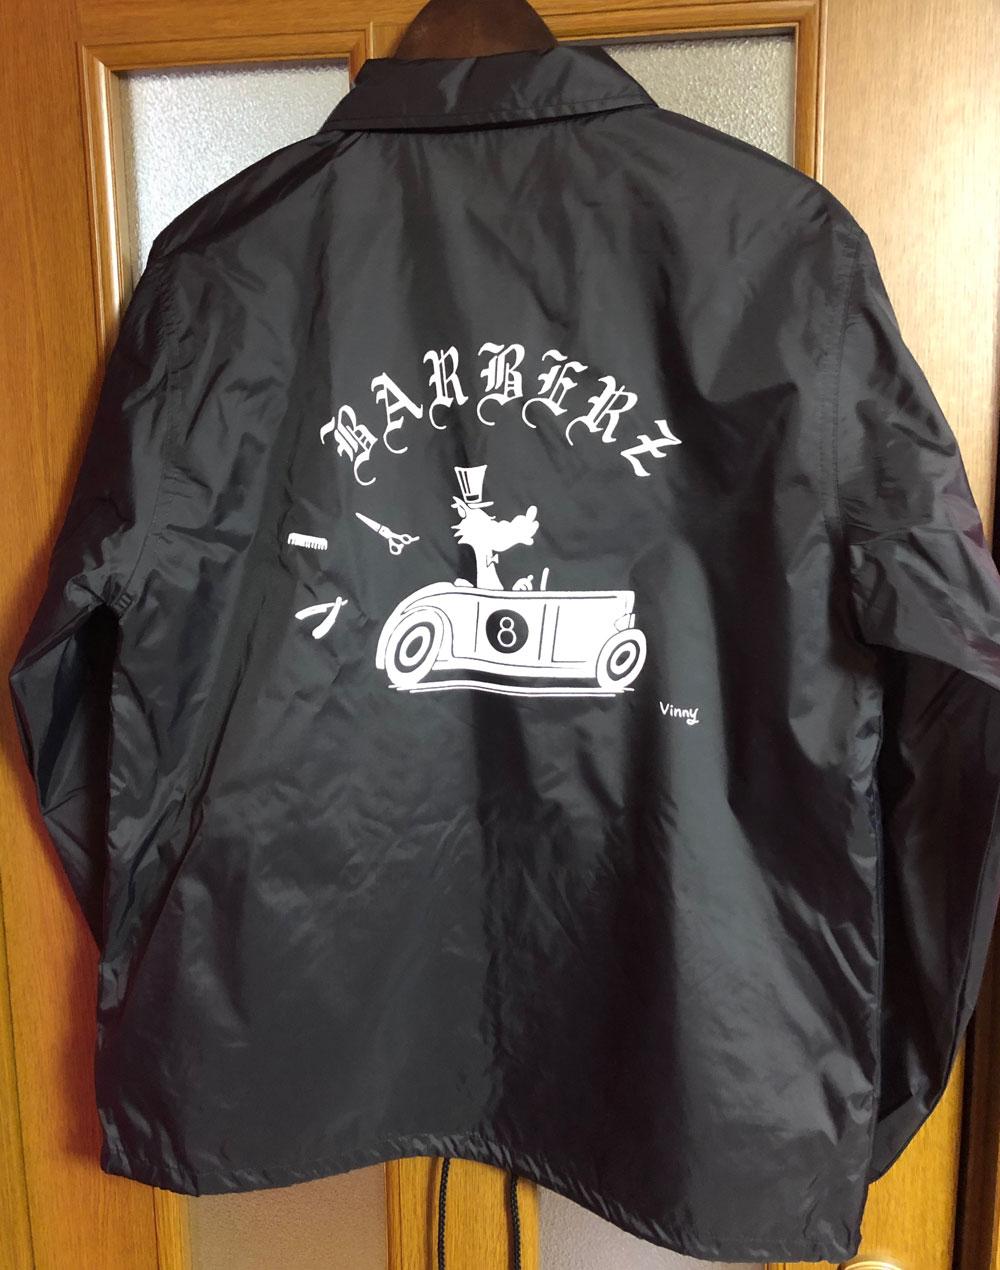 Barberzコーチジャケット 2ndデザイン